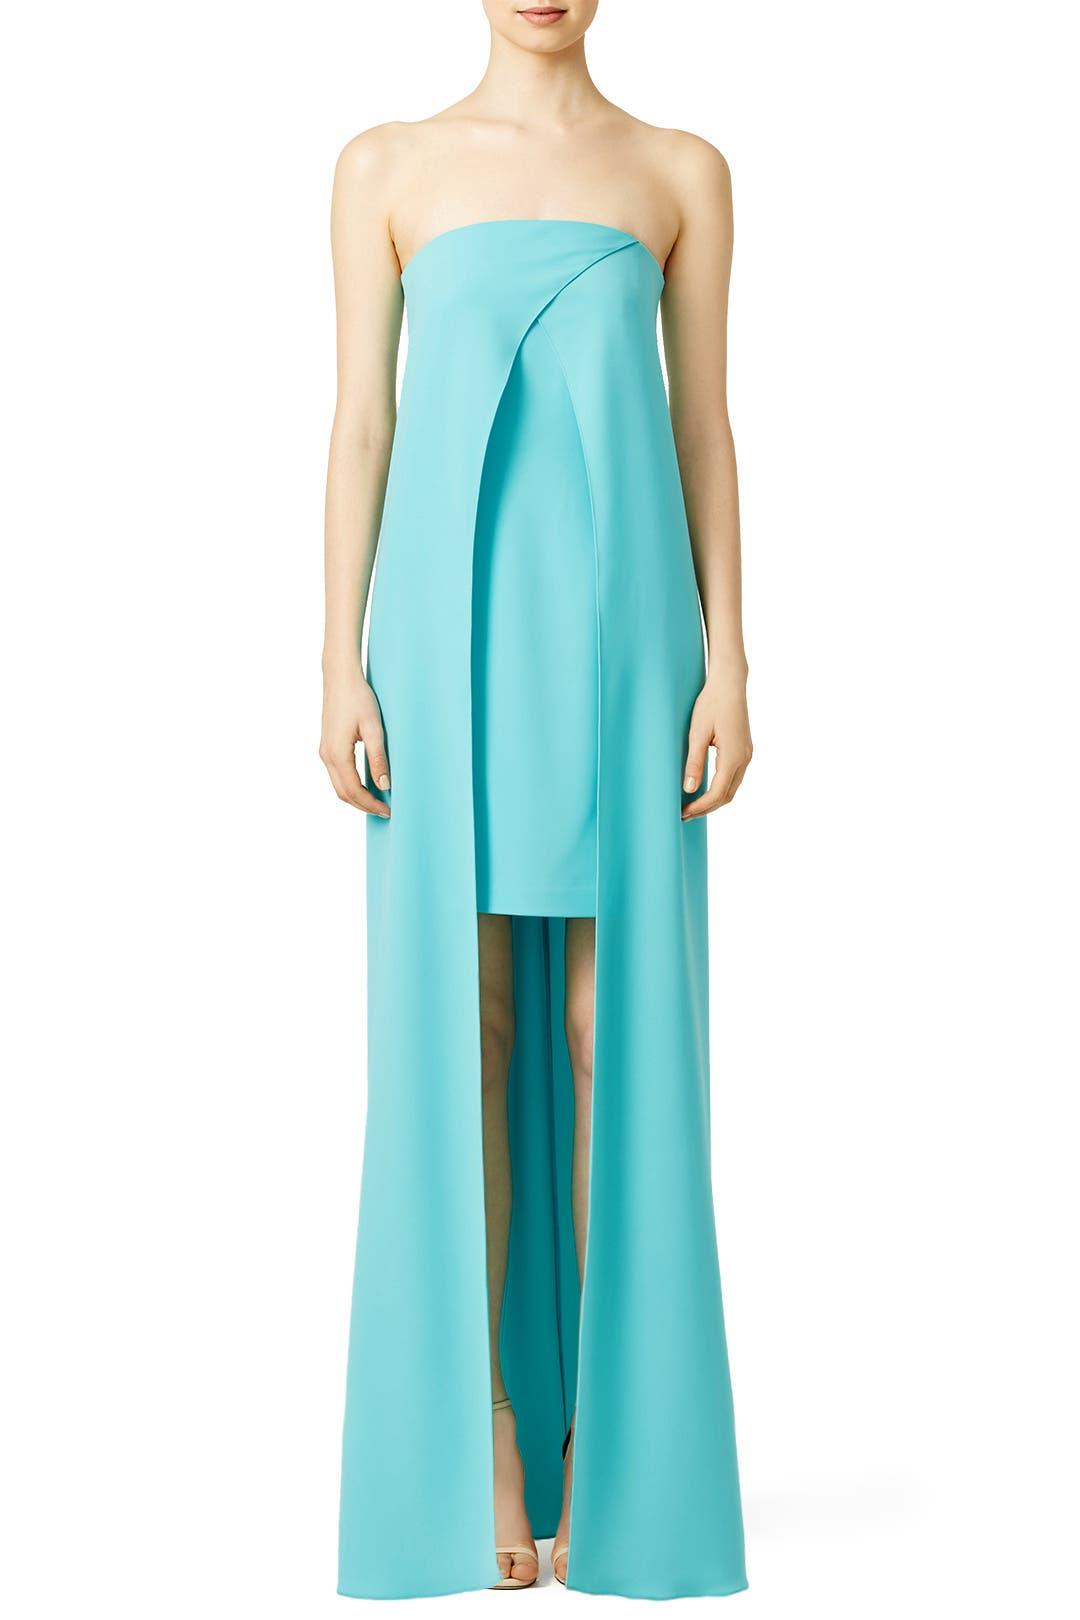 Slate & Willow Aqua Font Gown